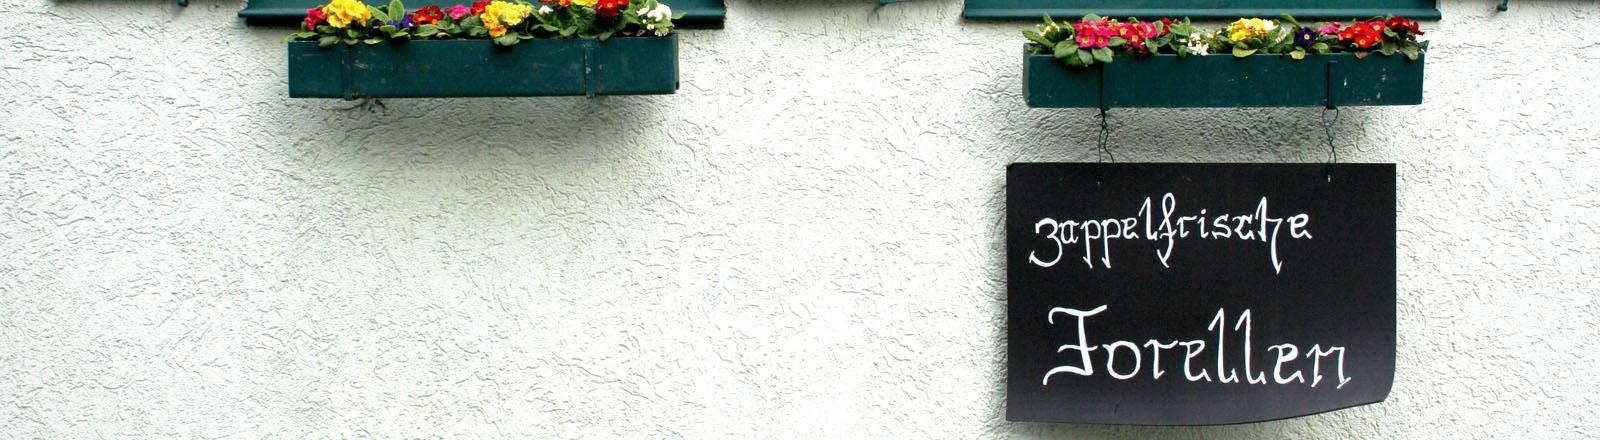 Fenster mit grünen Läden und darunter ein Schild auf dem steht: zappelfrische Forellem